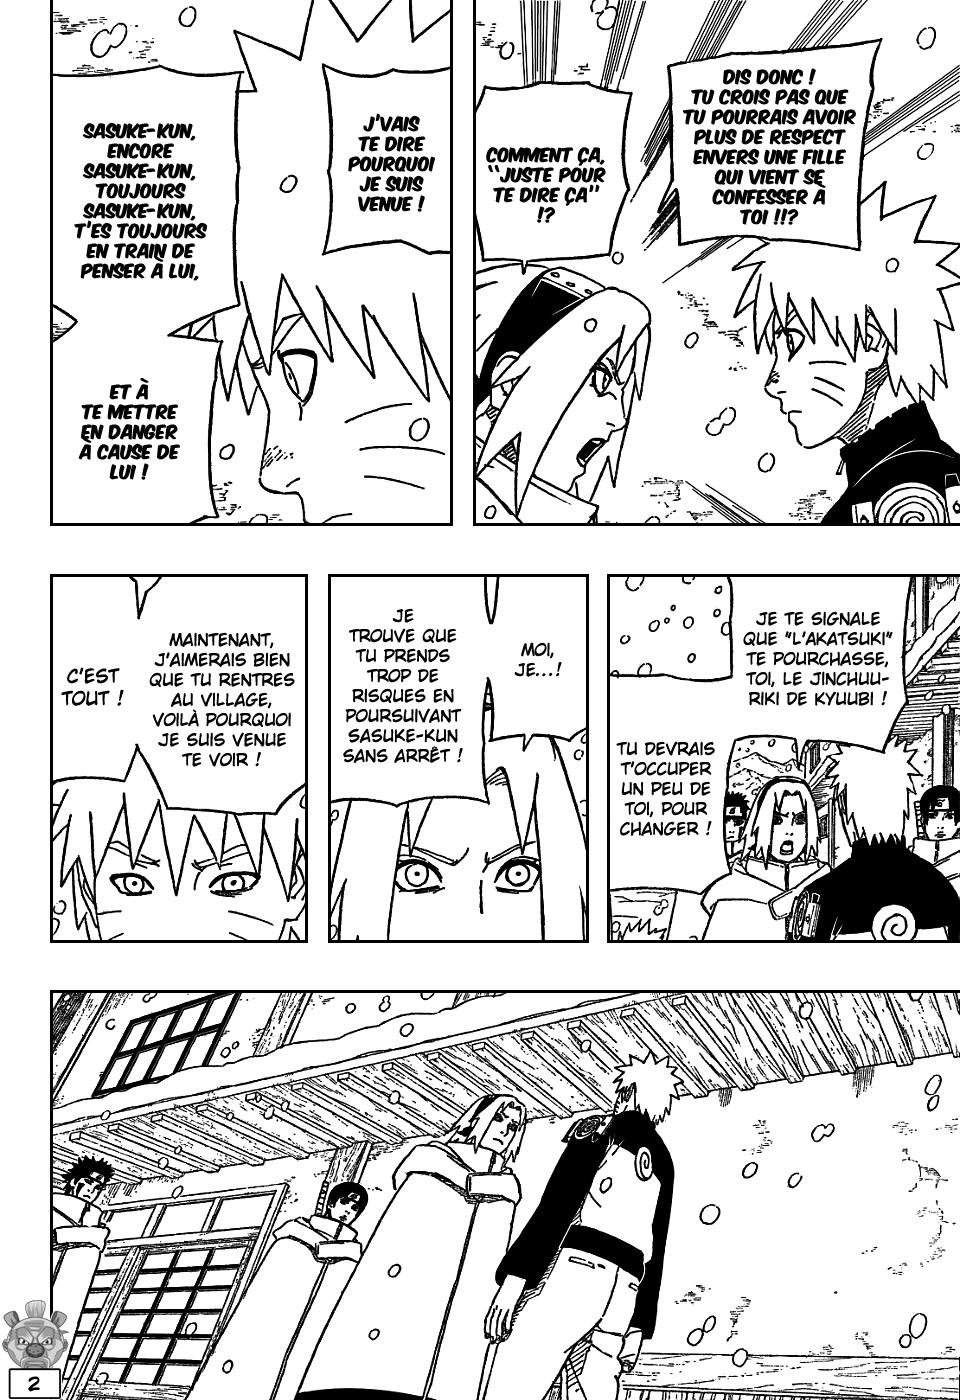 Naruto shippuden rencontre vf